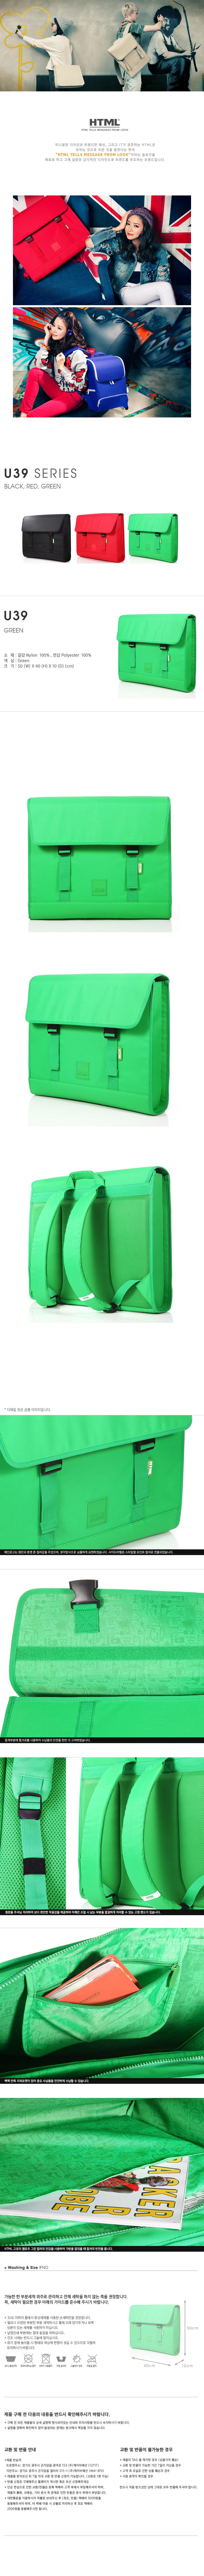 [에이치티엠엘]HTML - U39 backpack (Green)_인기백팩